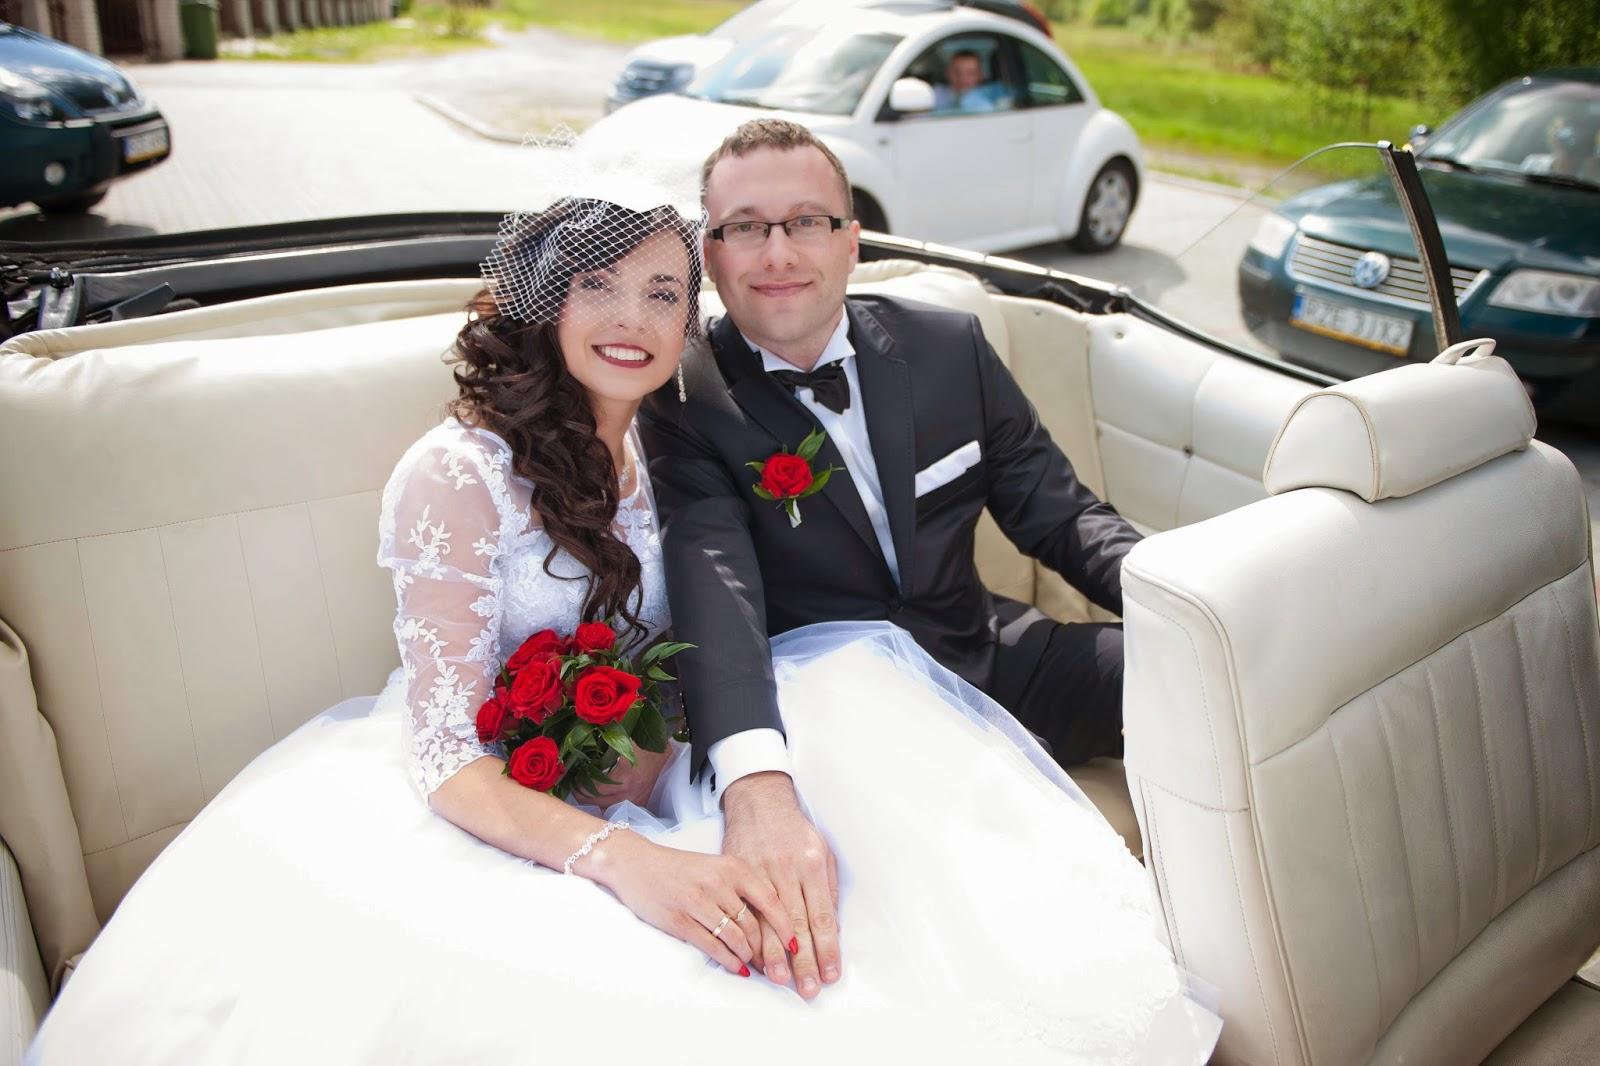 sukienka ślubna, moda ślubna, modne sukienki, koronkowe bolerko, czerwone dodatki do slubu, fryzury ślubne moda 2015, woalka, toczek z woalką